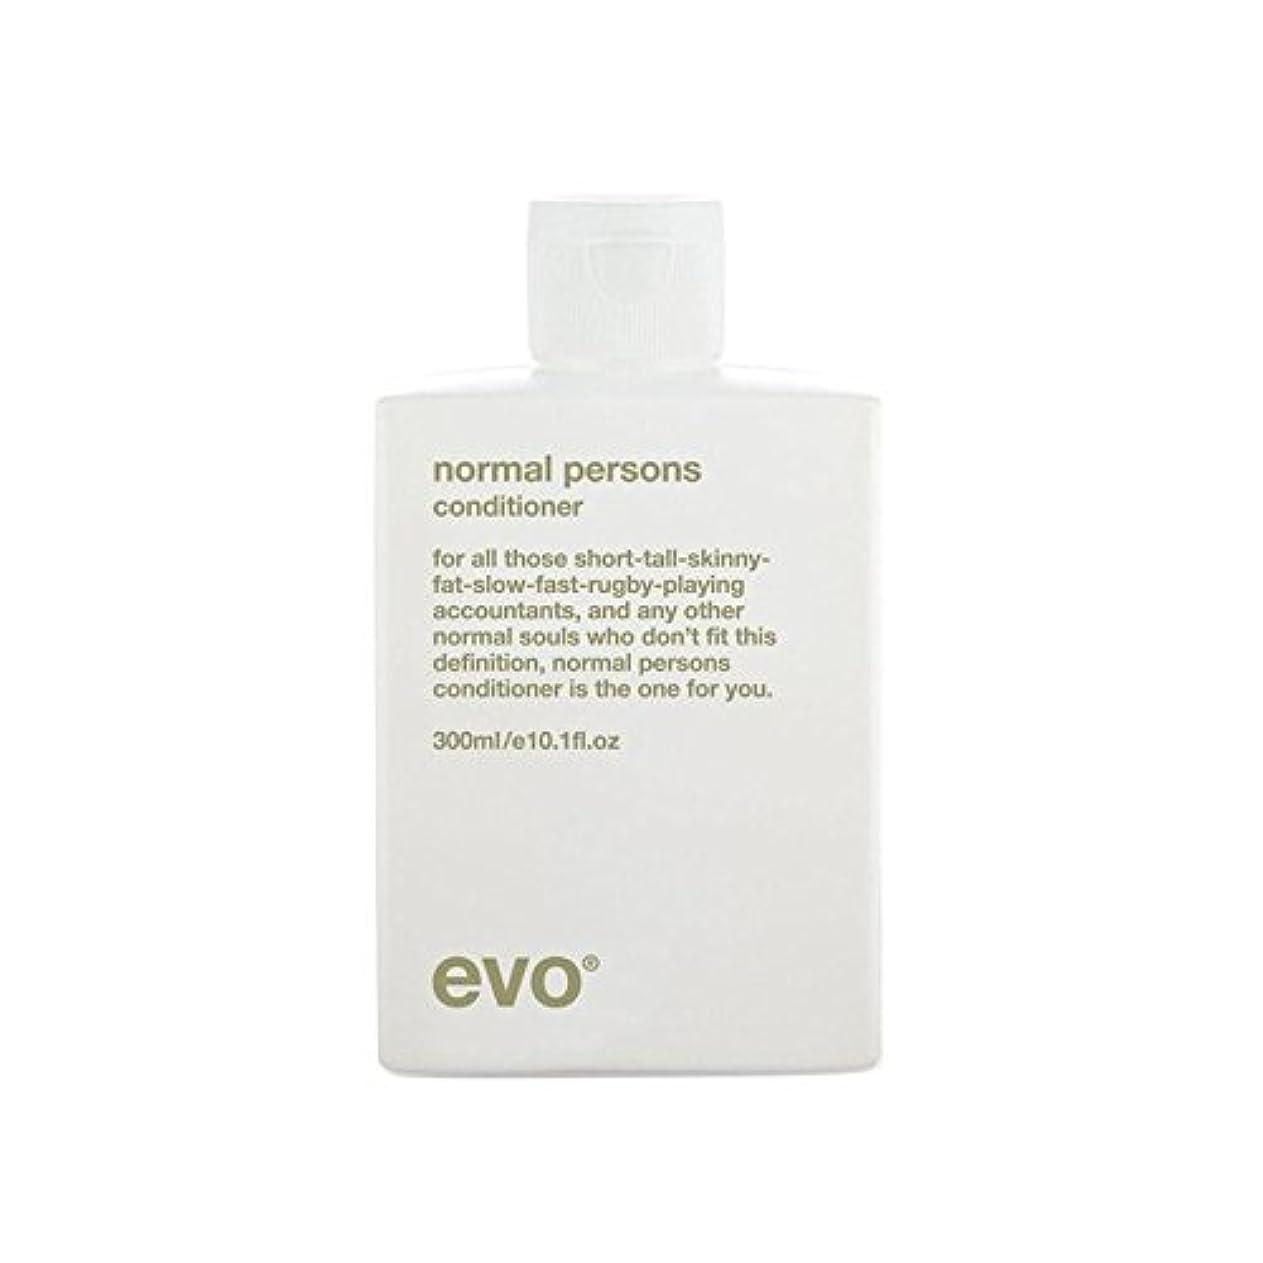 空洞タンパク質味方エボ正常人コンディショナー(300ミリリットル) x4 - Evo Normal Persons Conditioner (300ml) (Pack of 4) [並行輸入品]